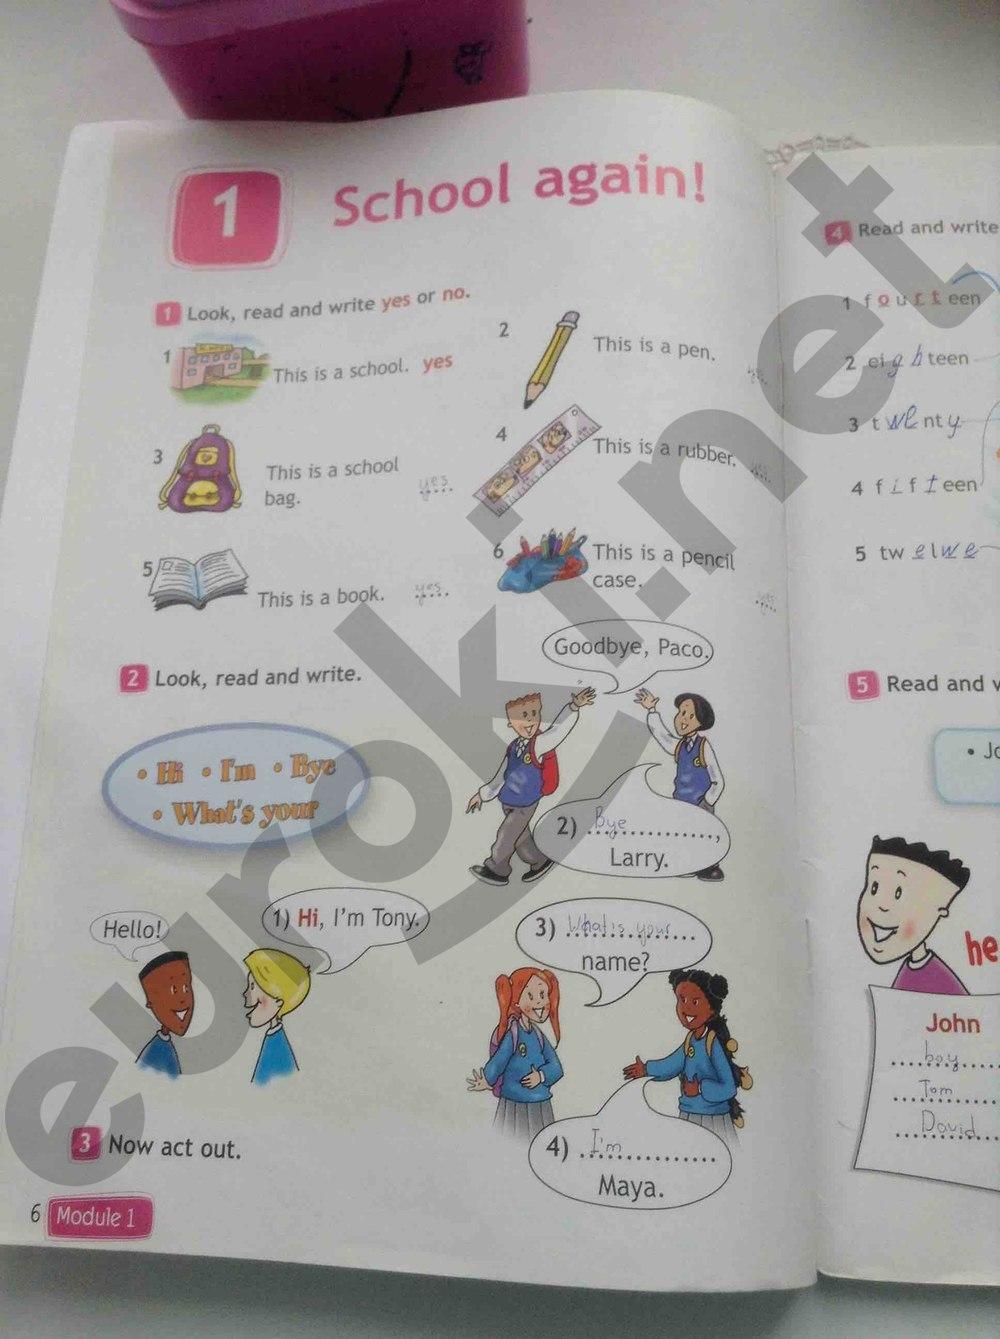 решебник английского языка тетрадь быкова 3 класс